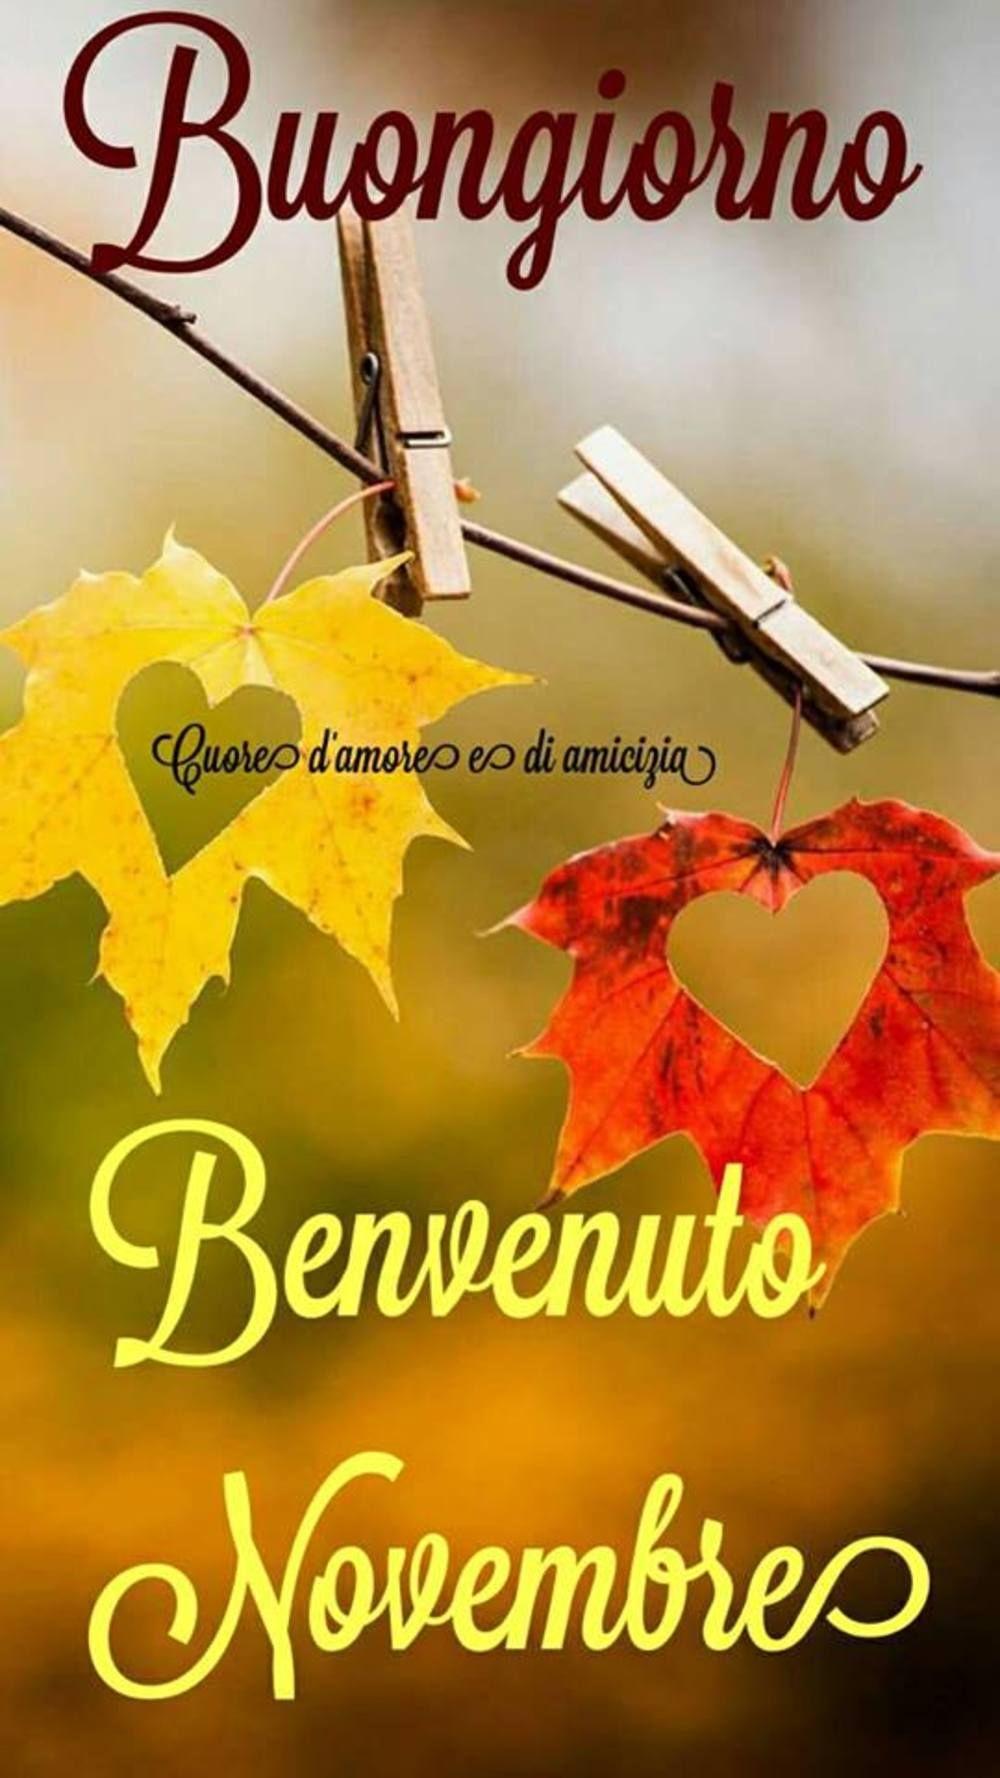 15 Immagini E Frasi Di Novembre Da Scaricare Gratis Buongiornospeciale It Buongiorno Novembre Immagini